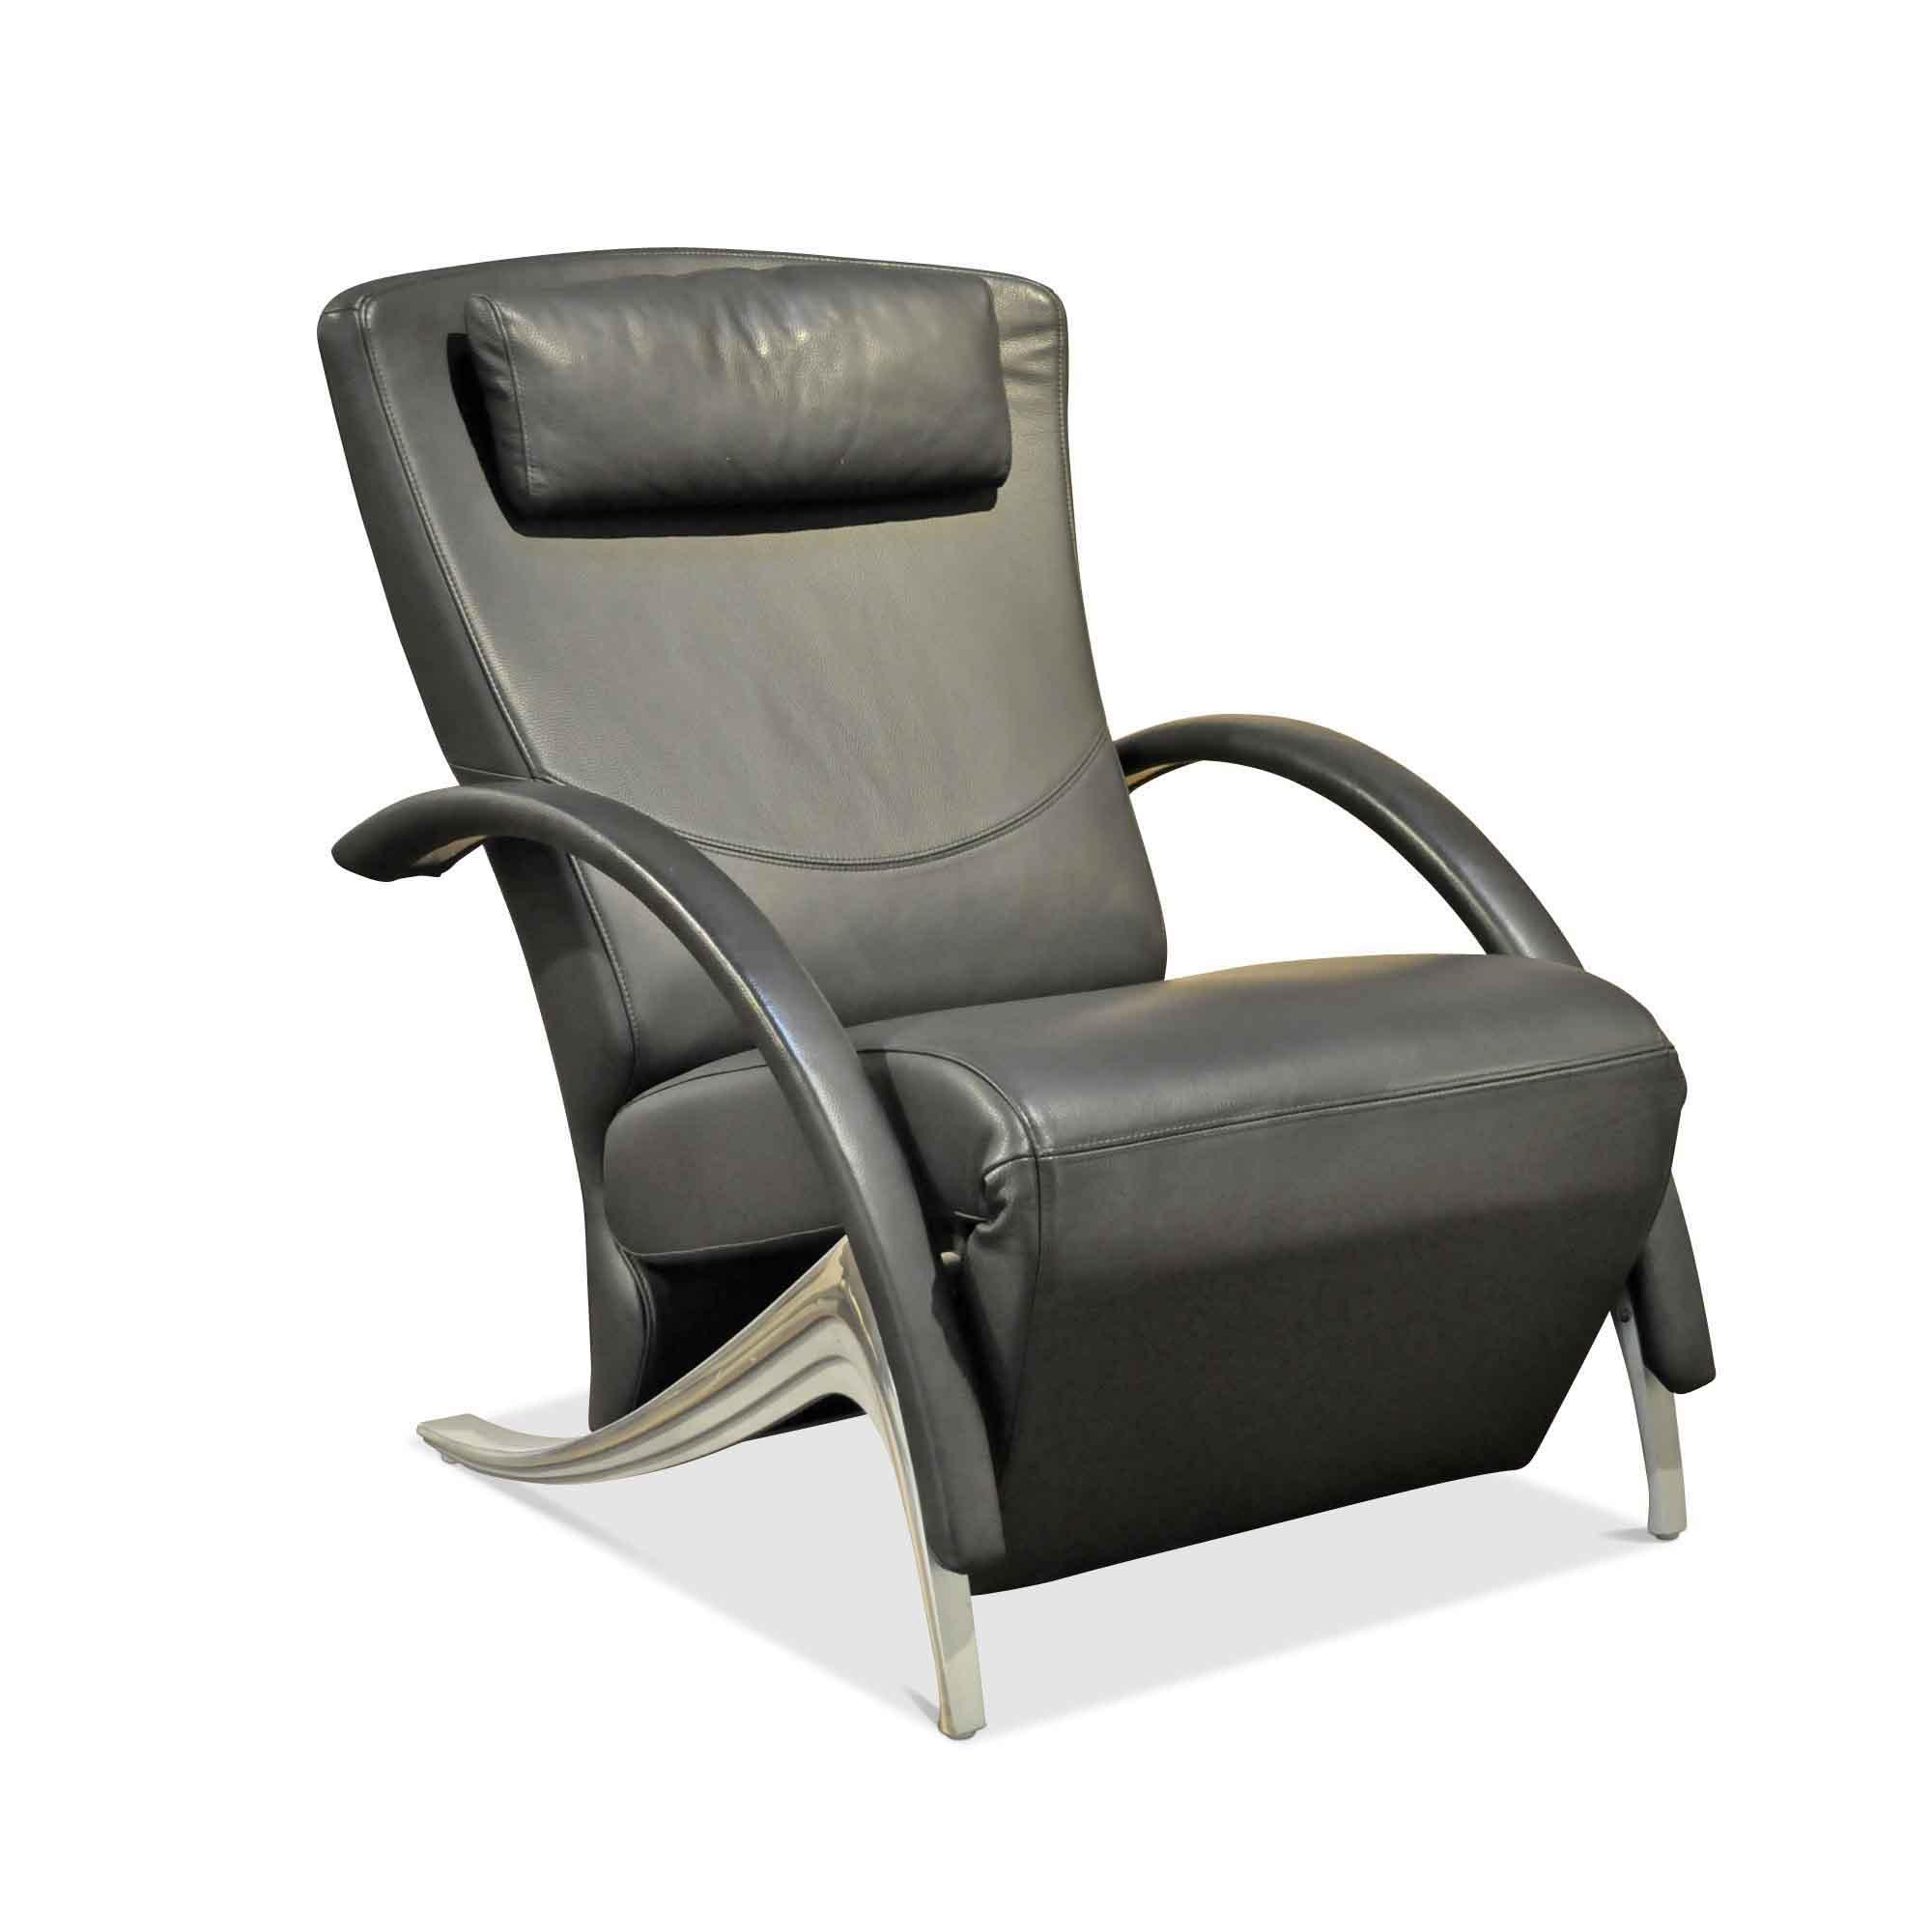 Full Size of Liegesessel Verstellbar 3100 Rolf Benz Sessel Gnstig Kaufen Mbelfirst Sofa Mit Verstellbarer Sitztiefe Wohnzimmer Liegesessel Verstellbar